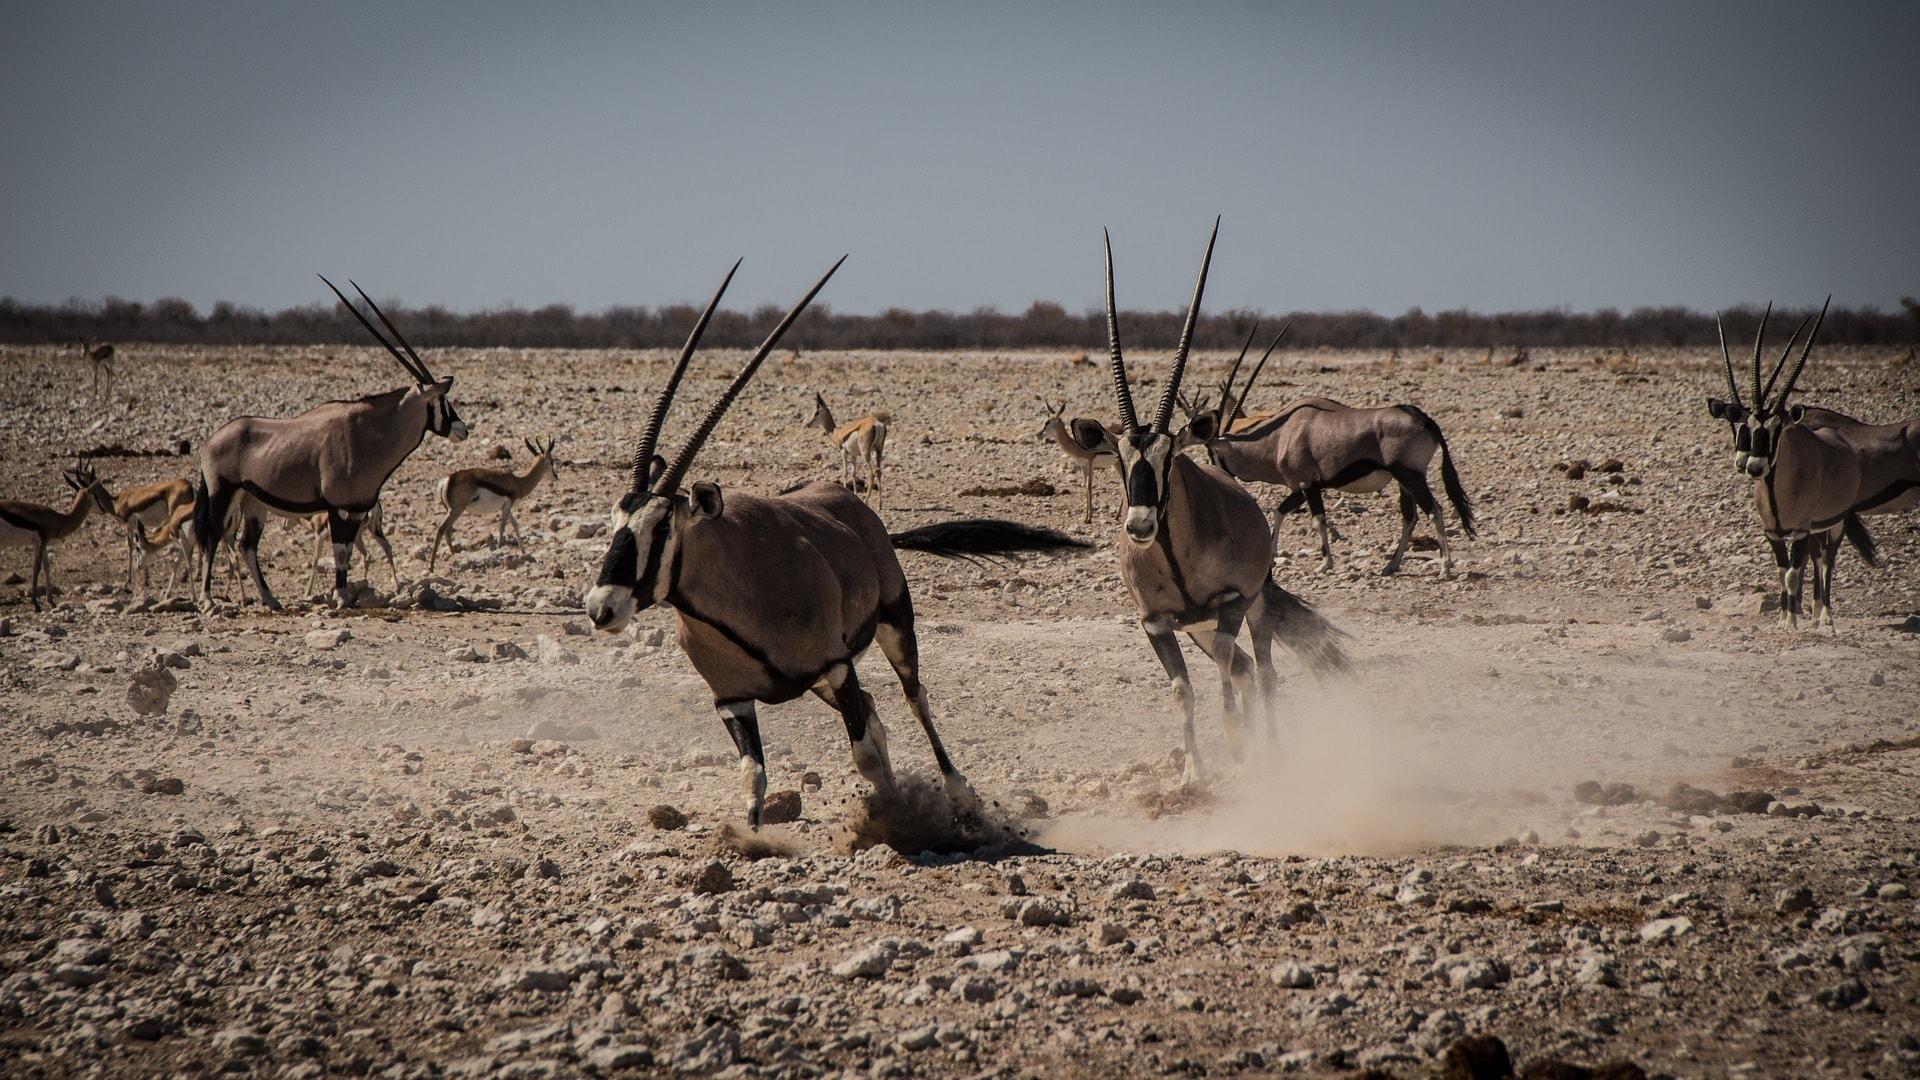 namibia-2939055_1920-min.jpg